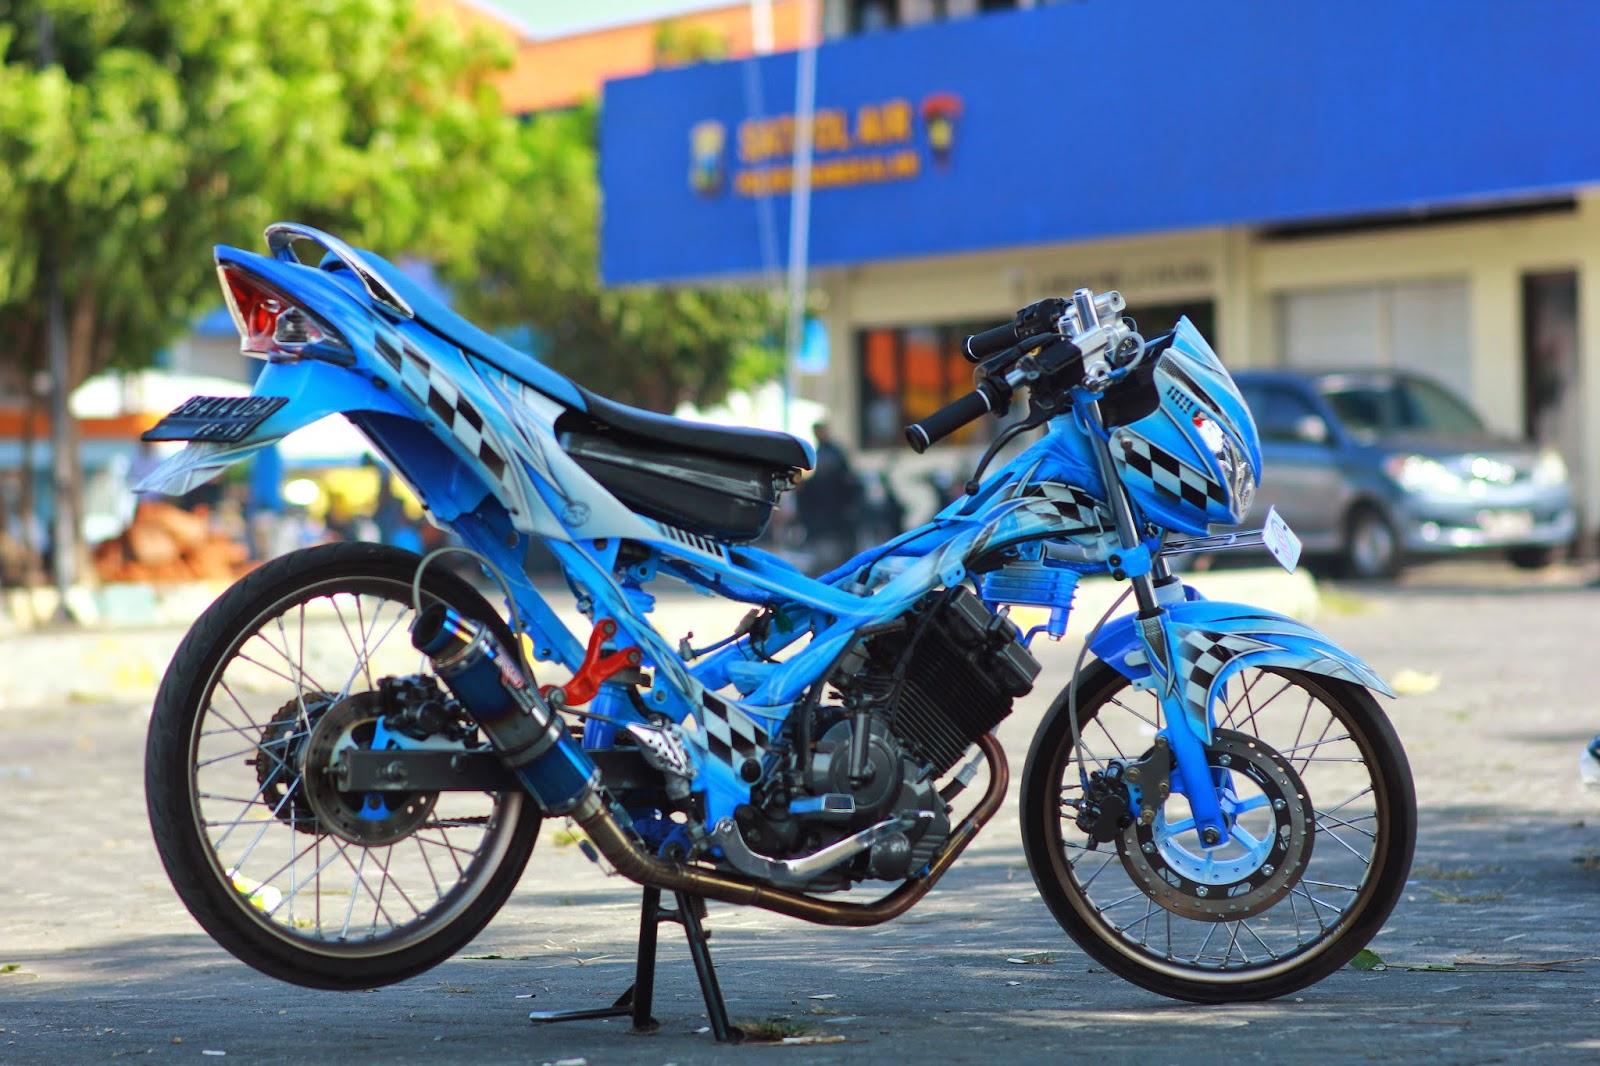 Modifikasi Motor Satria Fu Cc Racing Look Motor Modifikasi